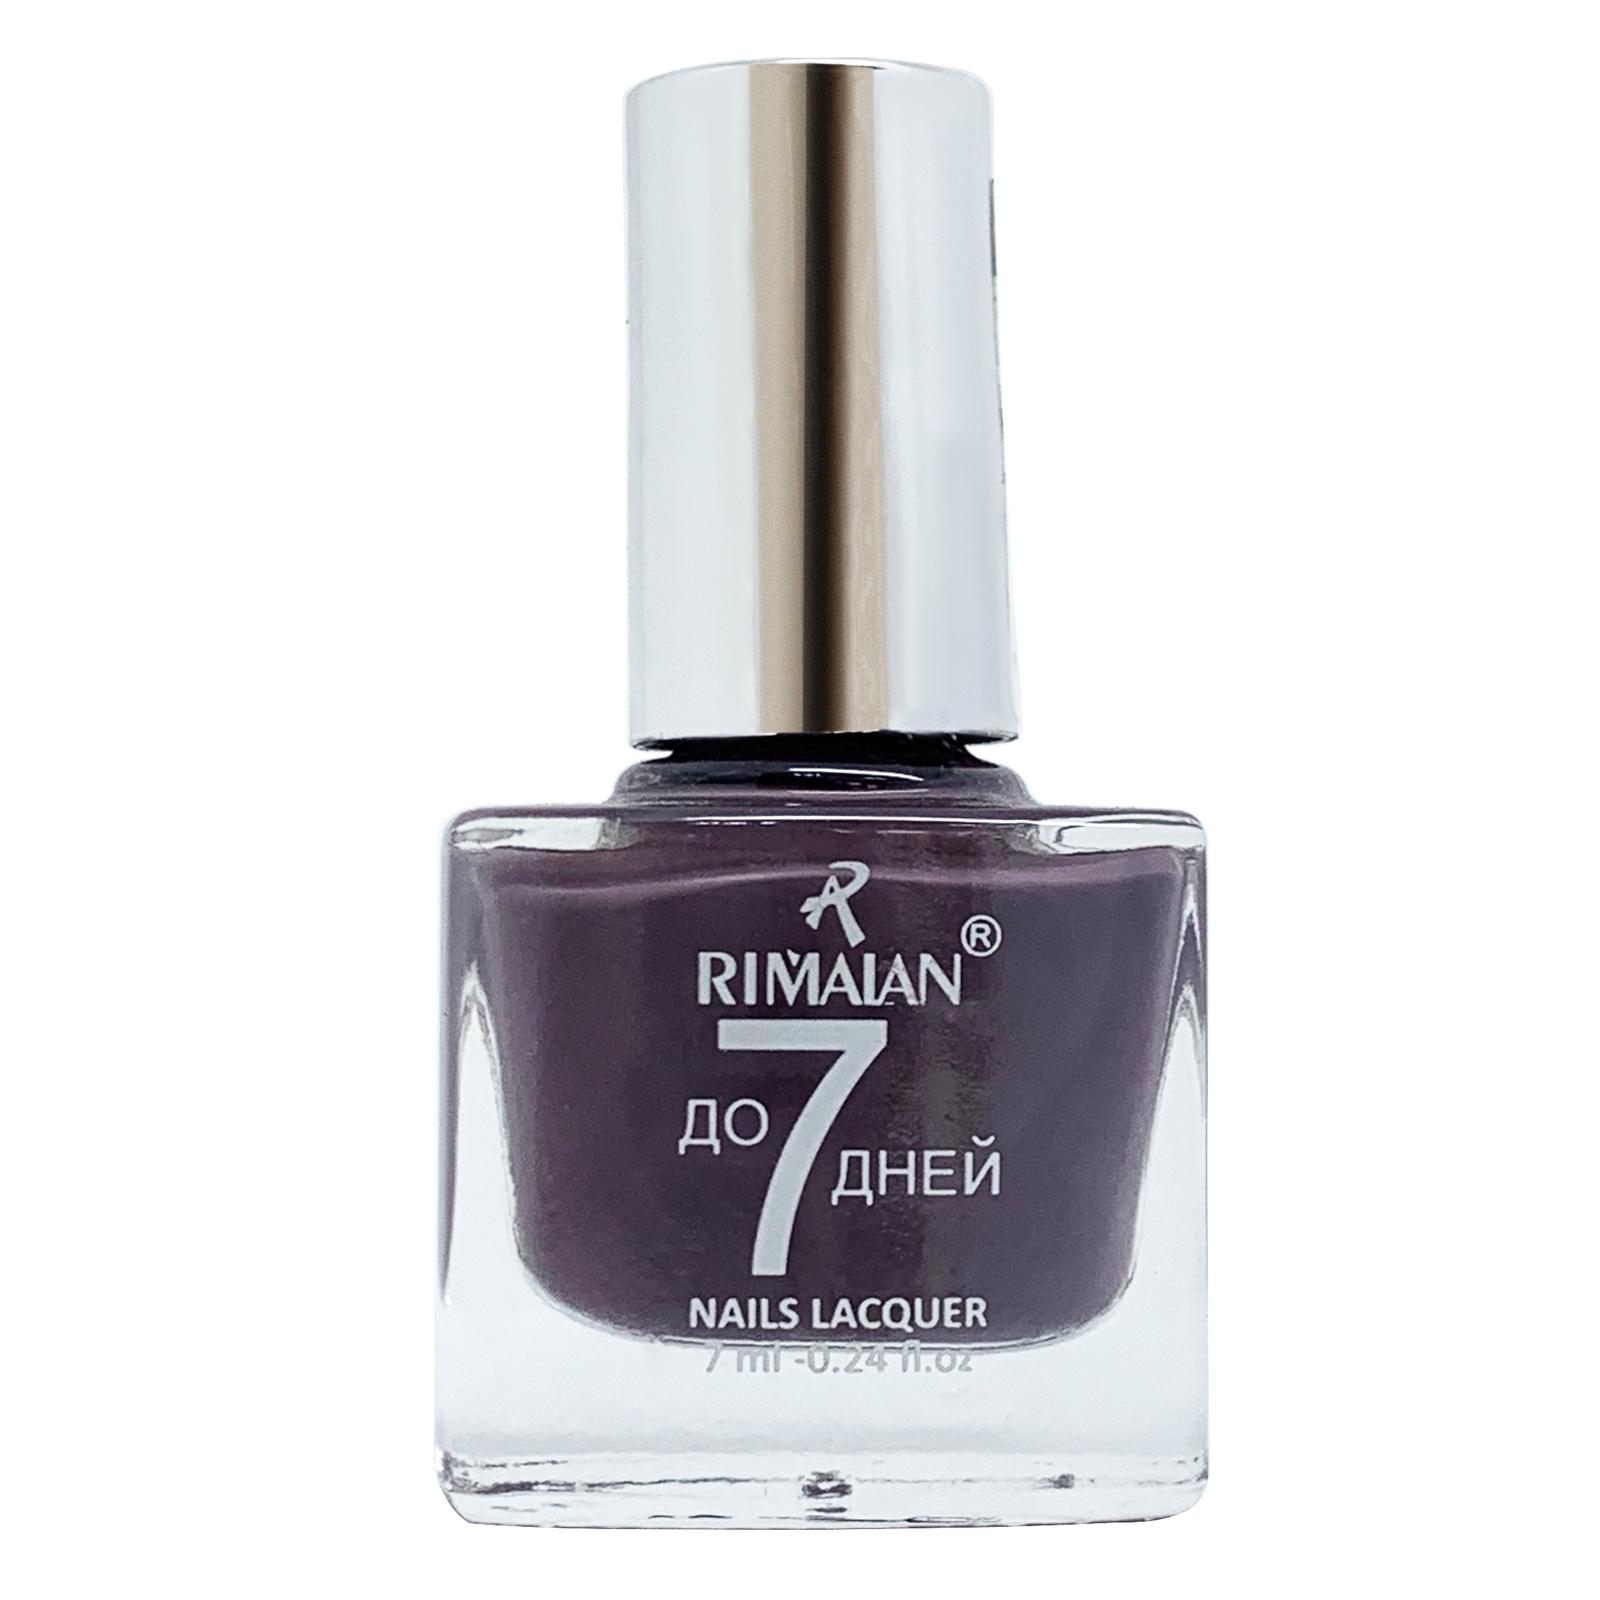 Rimalan 888-21 Лак для ногтей 7ml RNL888 до 7 дней 21 шоколад